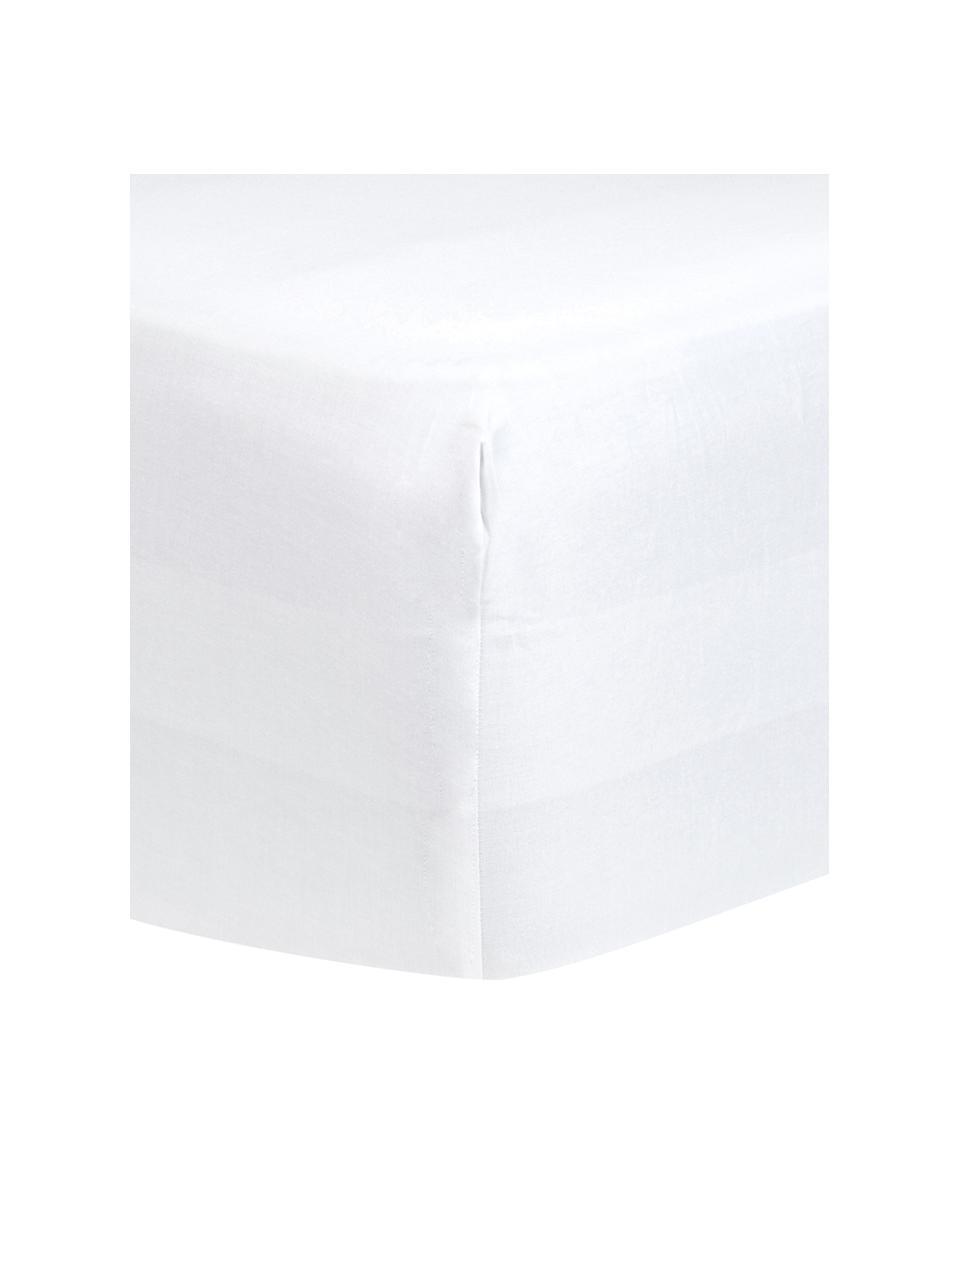 Spannbettlaken Comfort in Weiß, Baumwollsatin, Webart: Satin, leicht glänzend, Weiß, 140 x 200 cm